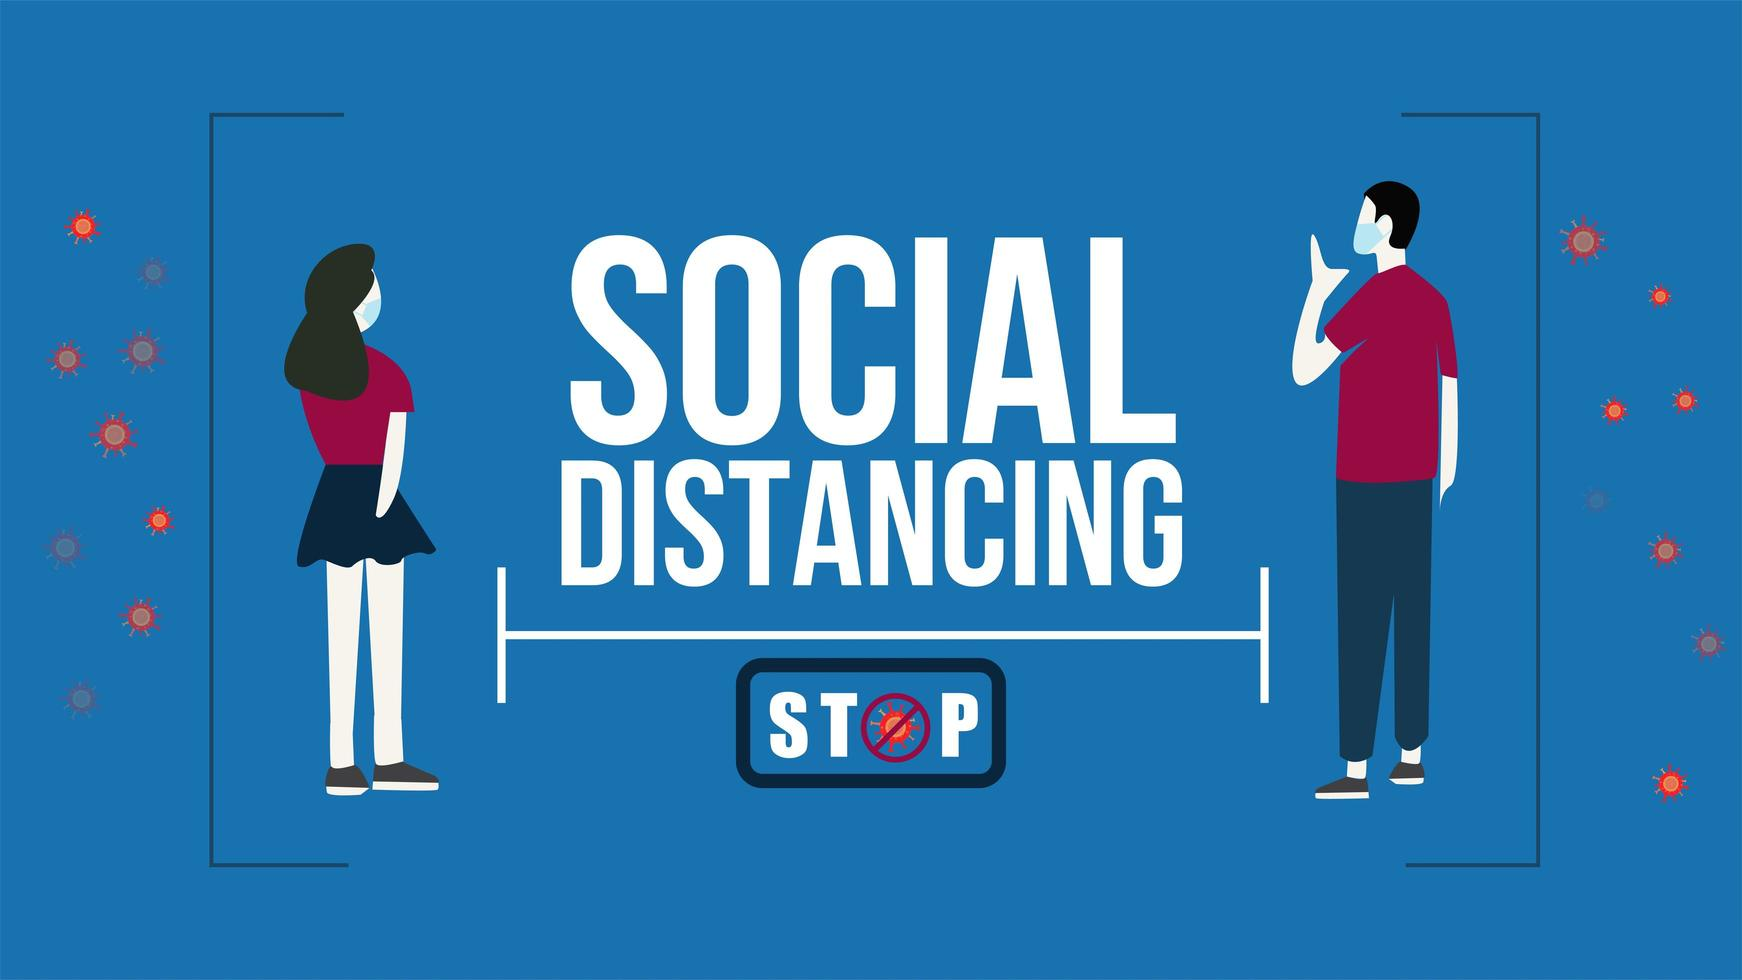 affiche de distanciation sociale covid-19 avec couple masqué vecteur